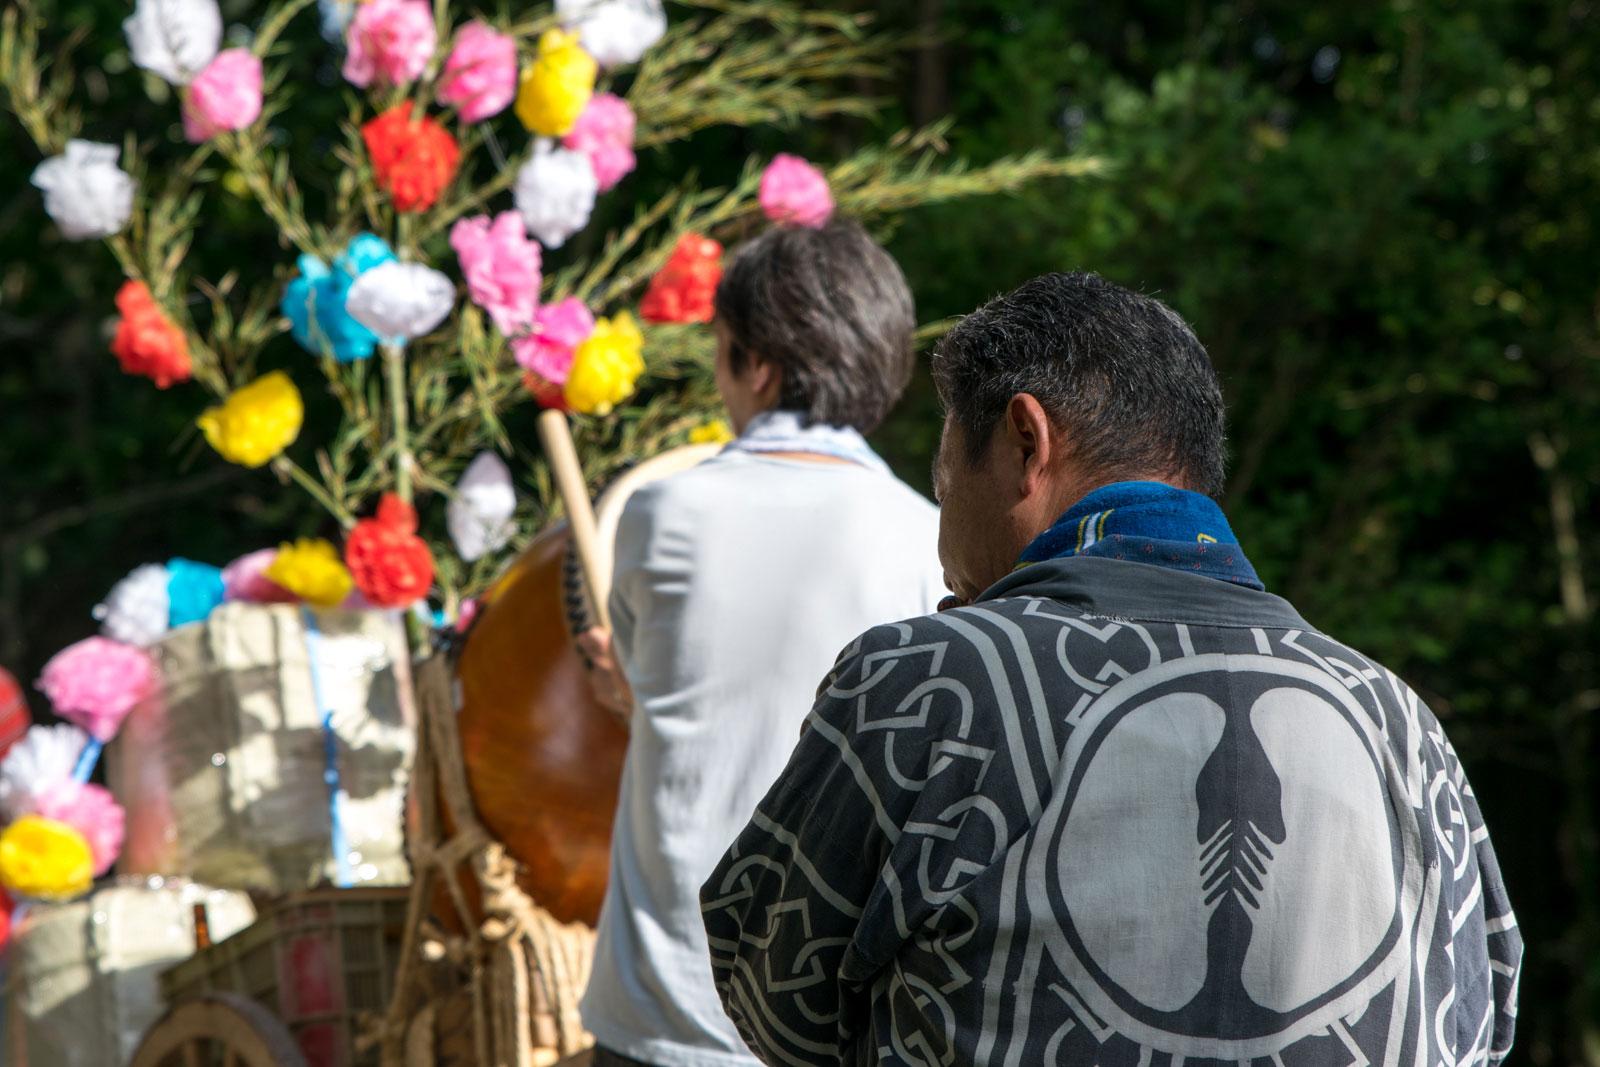 秋葉山神社 秋葉祭り